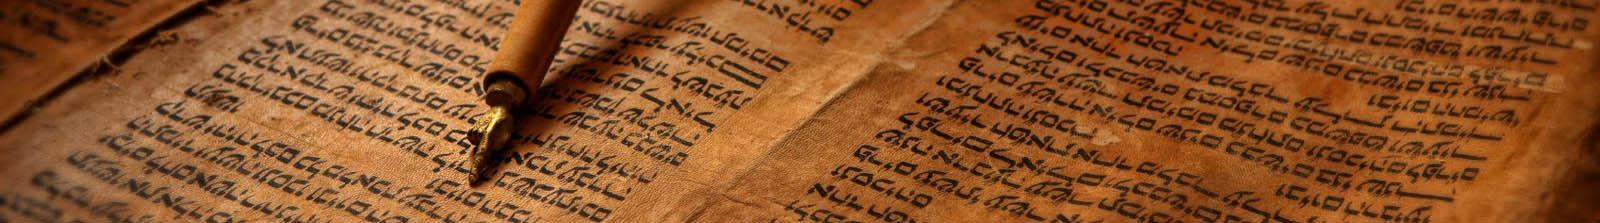 толкование на книгу бытия